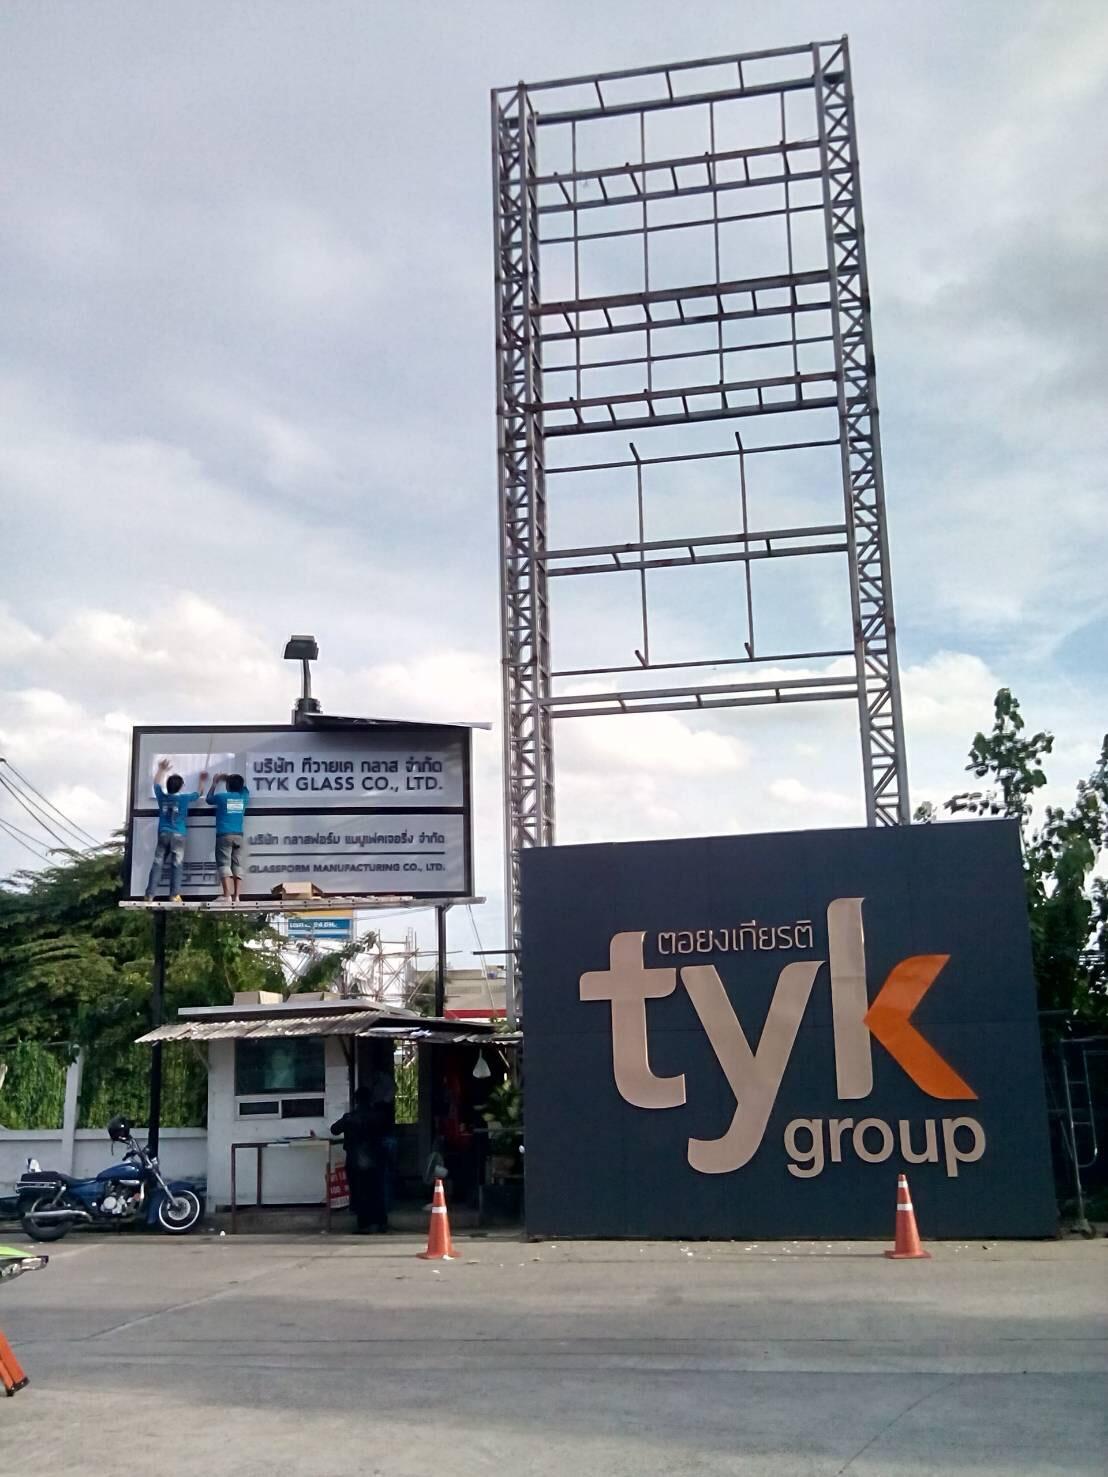 ทาวเวอร์หน้าบริษัท TYK Group ตอยงเกียรติ